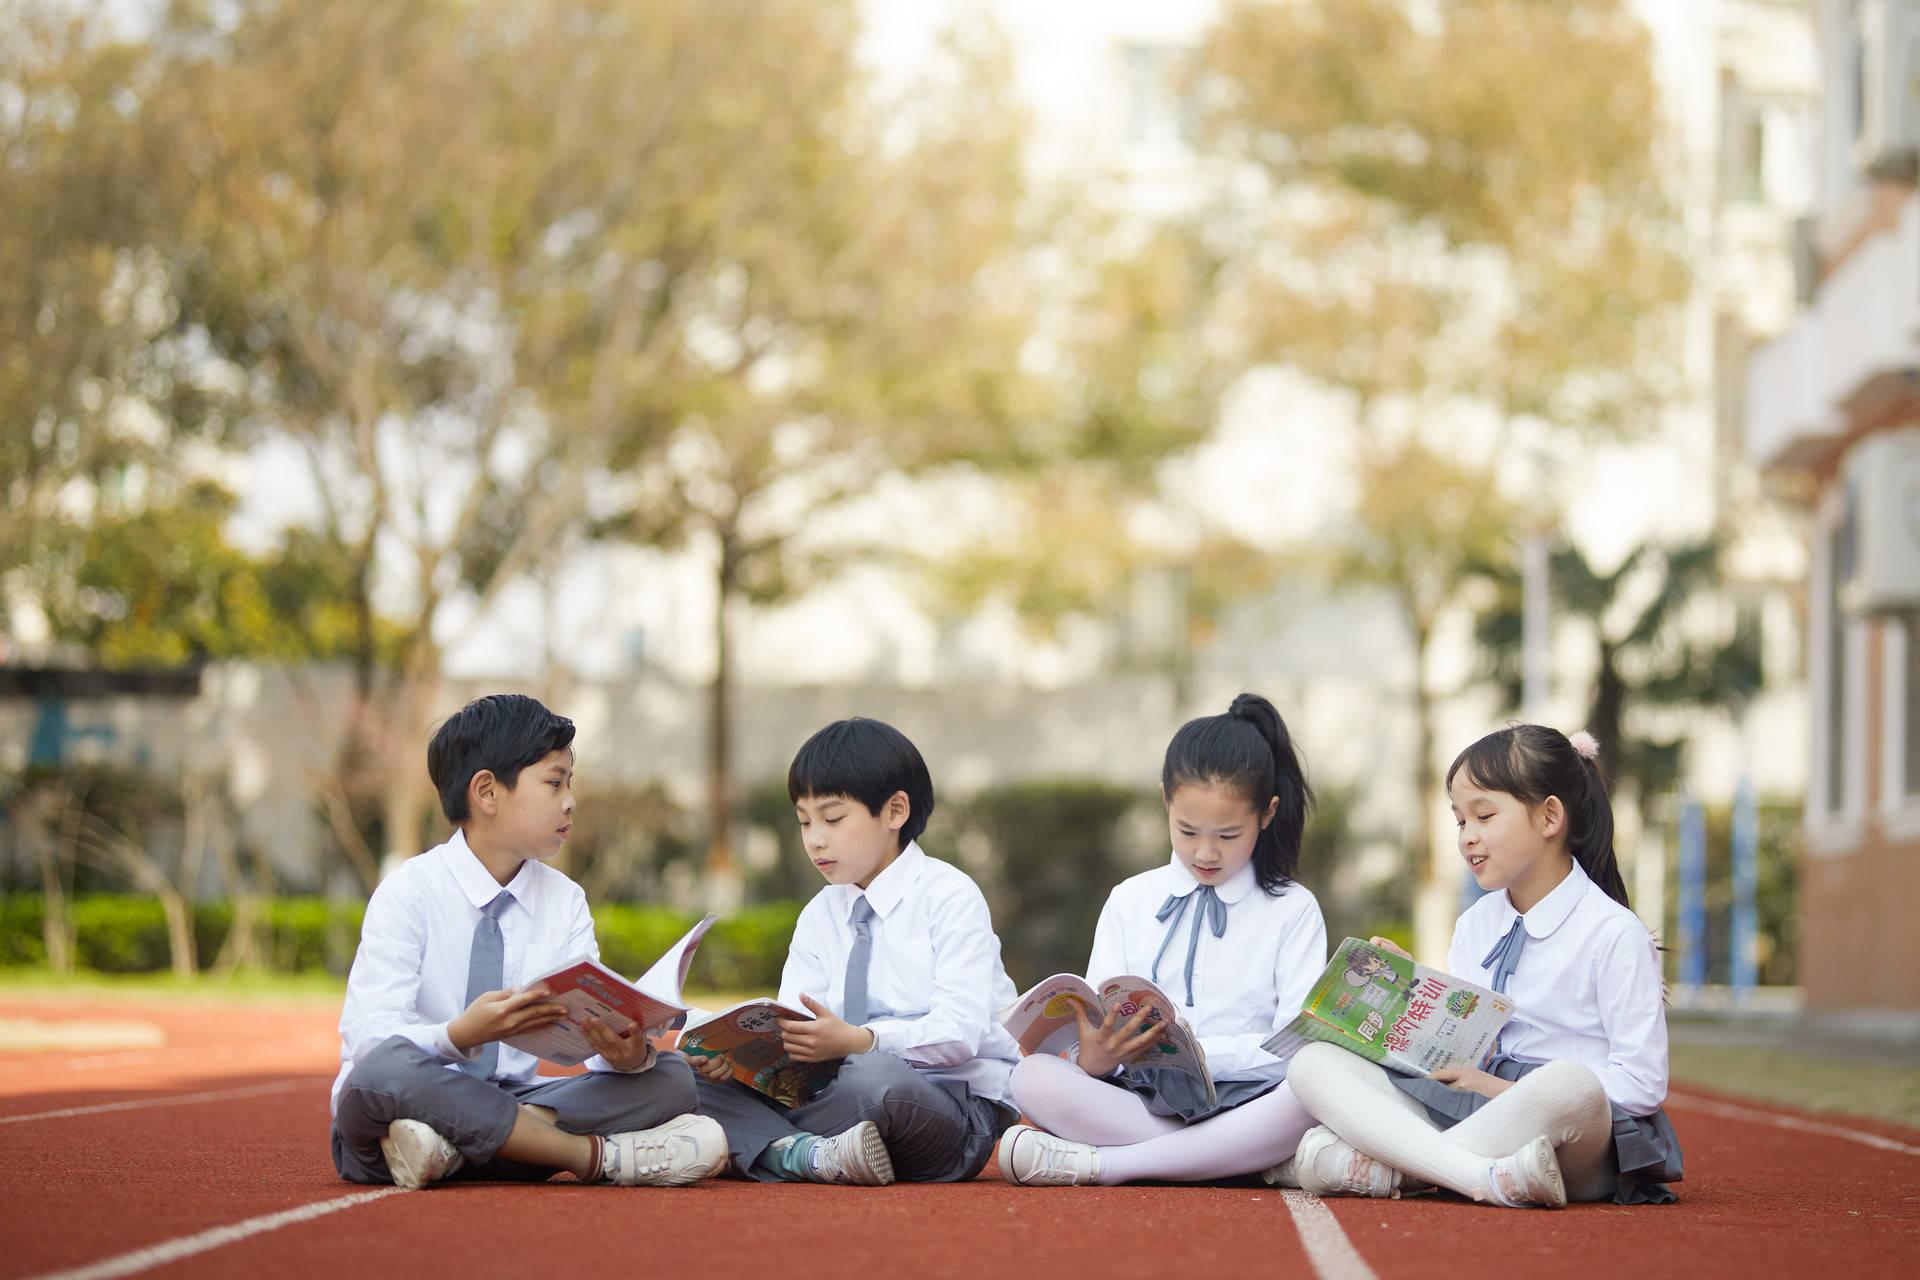 一周教育圈 | 国考开始报名,刑事责任年龄拟调整,教育评价改革方案出炉